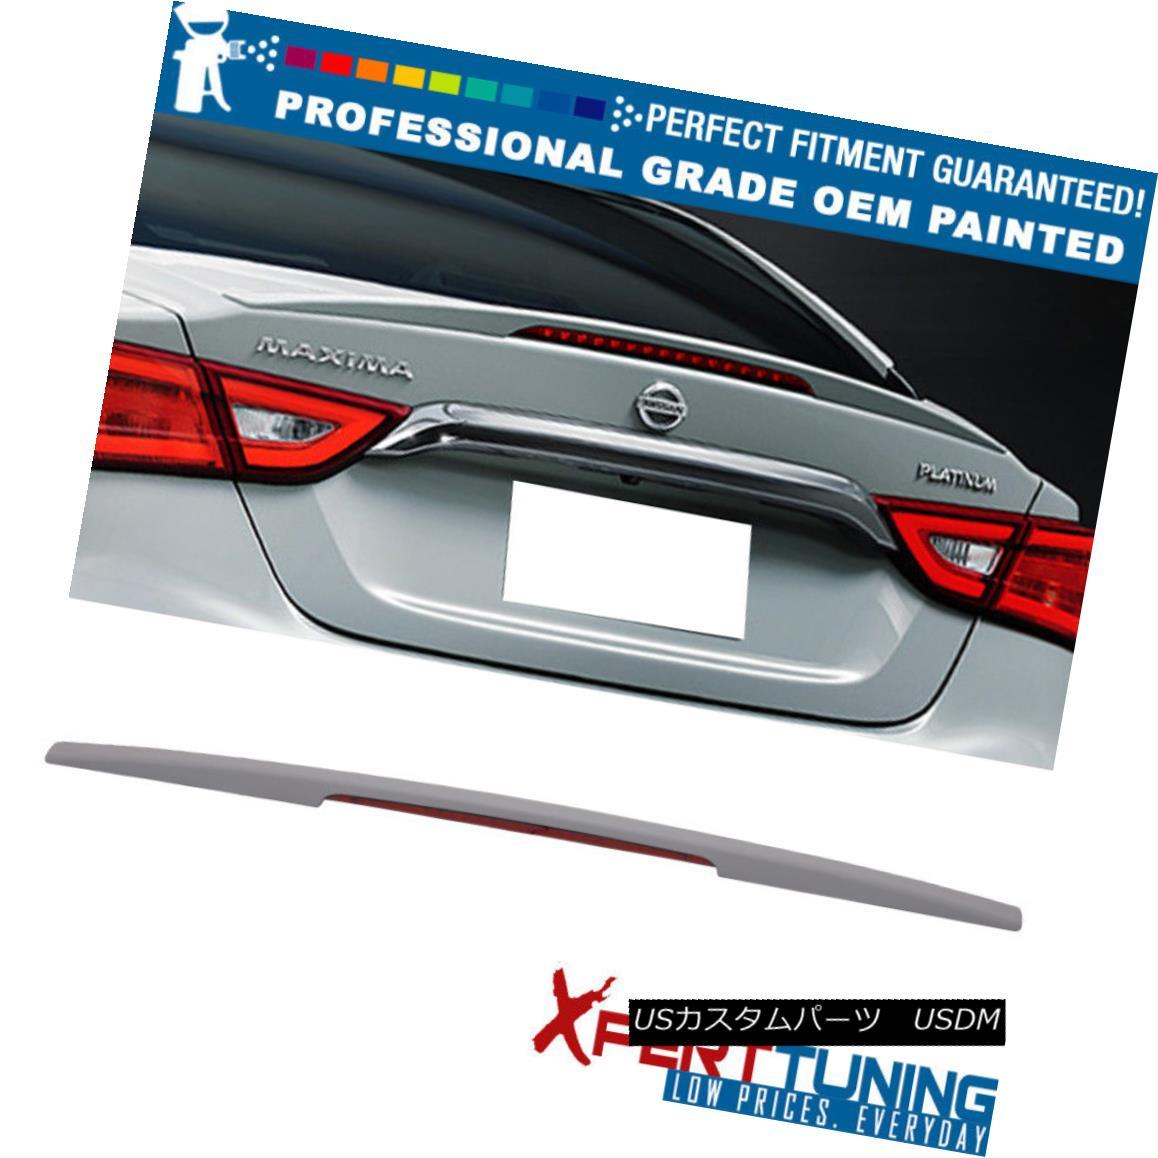 エアロパーツ Fits 16-18 Maxima A36 8TH OE Style Painted ABS Trunk Spoiler OEM Painted Color フィット16-18マキシマA36 8TH OEスタイル塗装ABSトランクスポイラーOEM塗装色